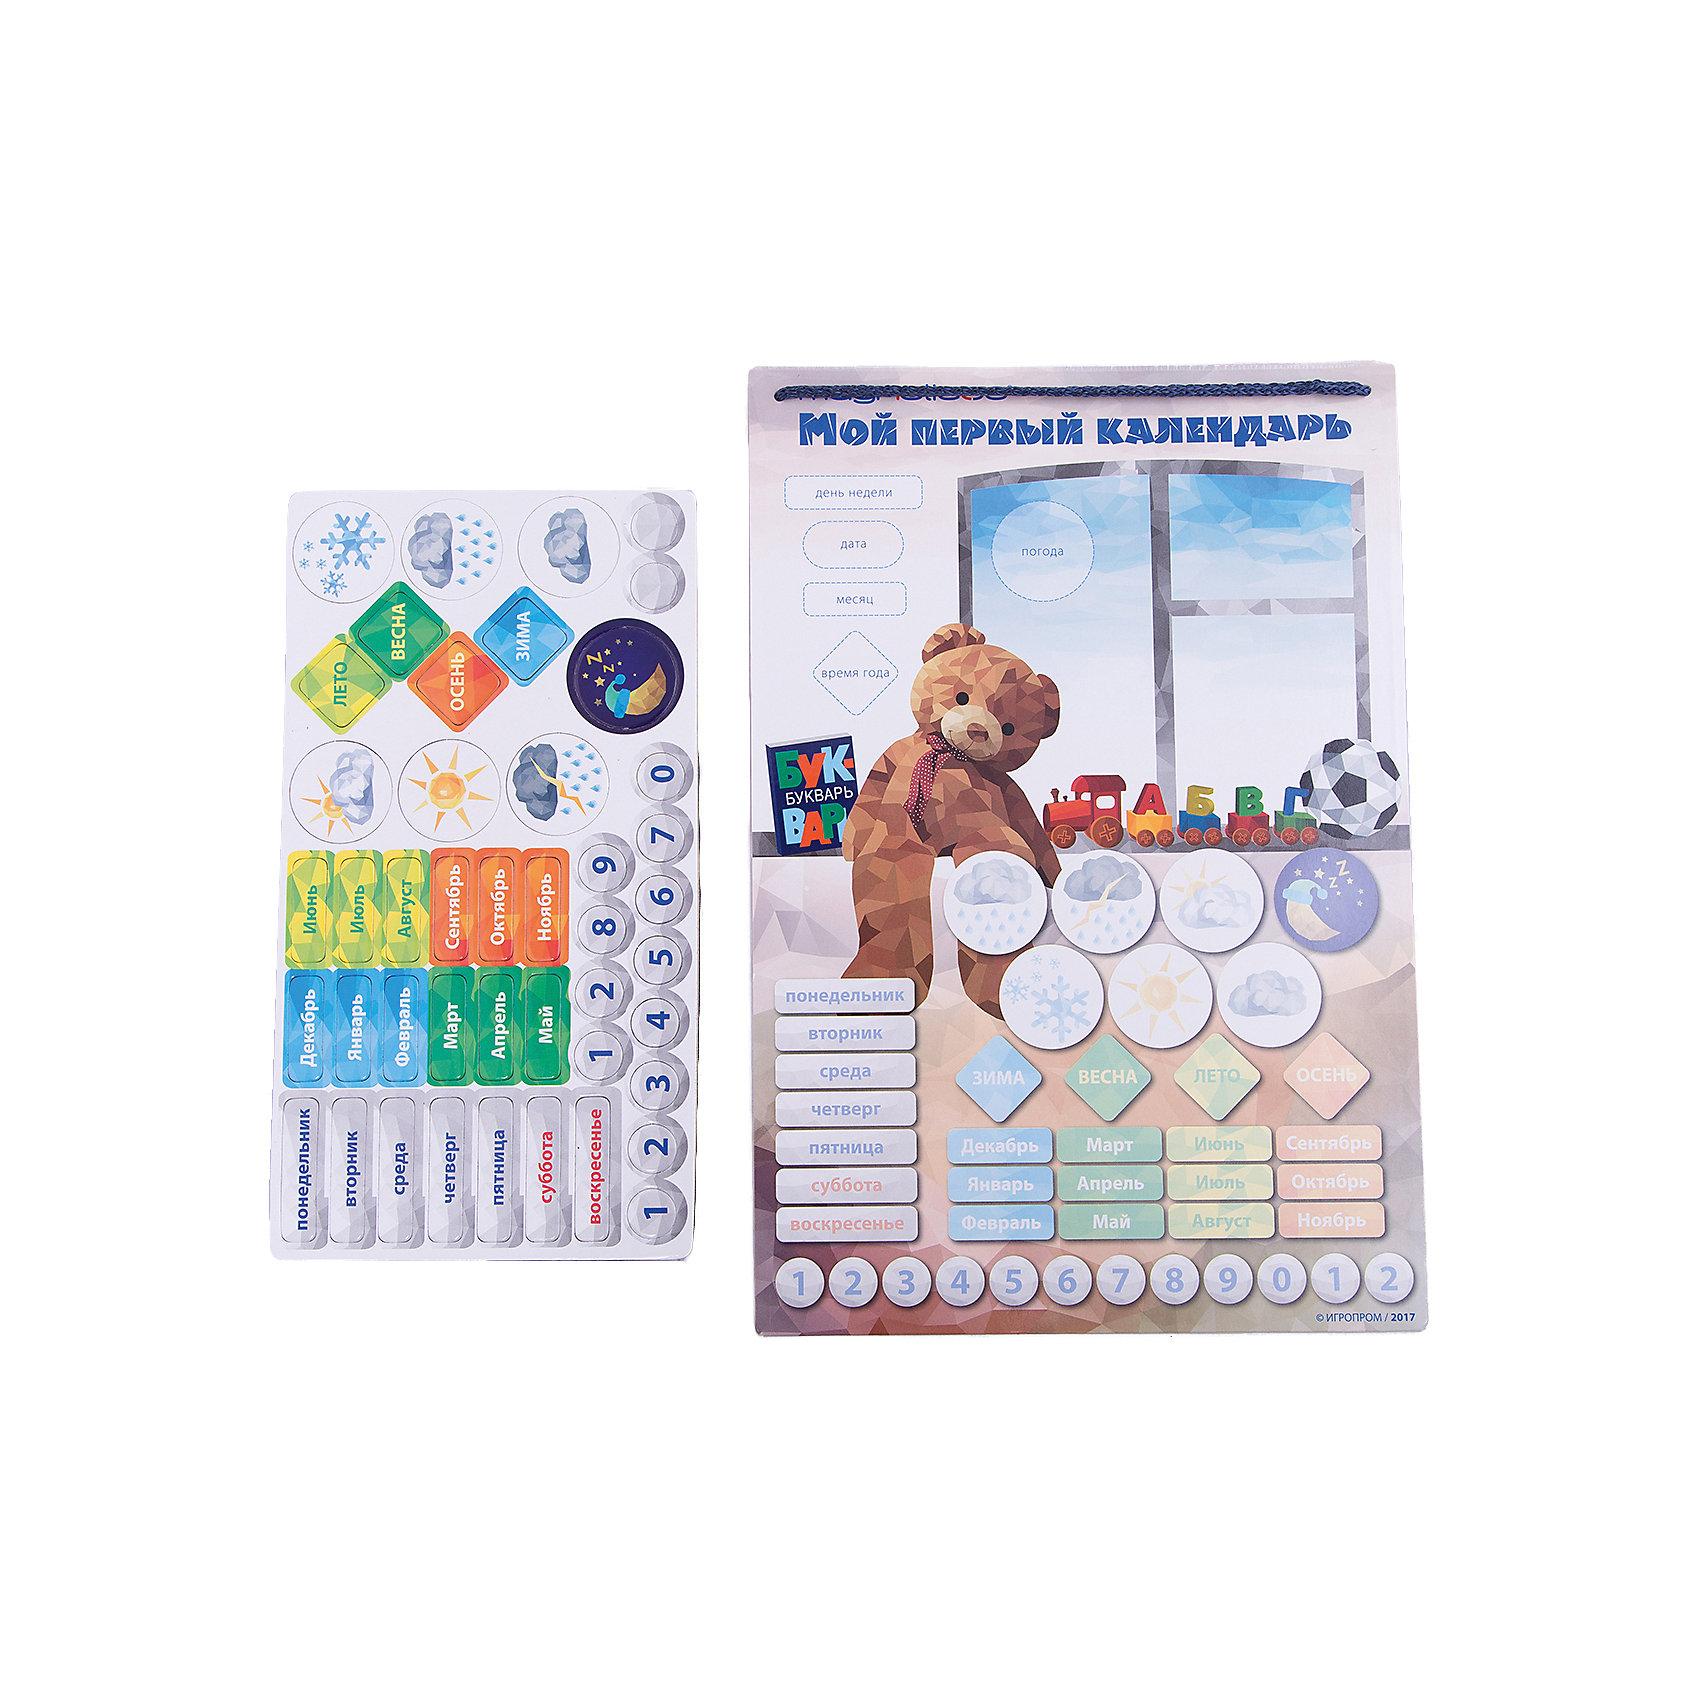 Игровой обучающий набор  Мой Первый  КалендарьИгрушки для малышей<br>Характеристики:<br><br>• магнитные детали хорошо крепятся к магнитной основе;<br>• размер игрового поля: 25,5х37,5 см;<br>• материал: пластик, магнит, полимер;<br>• размер упаковки: 32х1х40 см. <br><br>Обыграть изучение времен года, дней недели и названия месяцев поможет игровой набор «Мой первый календарь». Цветное табло с магнитной основой позволяет закрепить карточки-магнитики, ориентироваться, какой сегодня день, месяц, какая погода за окном. Доска достижений поможет закрепить результат, отметить важные дела и задания, поставить перед собой цель и собирать звезды для достижения заданной цели. <br><br>Комплектация игрового набора Magneticus:<br><br>• игровое магнитное поле, <br>• карточки «времена года», 4 шт.;<br>• карточки «погода», 6 шт.;<br>• карточки «месяцы», 12 шт.;<br>• карточки «дни недели», 7 шт.;<br>• карточки «числа», от 0 до 9;<br>• правила игры.<br><br>Игровой обучающий набор Мой Первый Календарь можно купить в нашем магазине.<br><br>Ширина мм: 380<br>Глубина мм: 10<br>Высота мм: 260<br>Вес г: 350<br>Возраст от месяцев: 36<br>Возраст до месяцев: 84<br>Пол: Унисекс<br>Возраст: Детский<br>SKU: 5238559